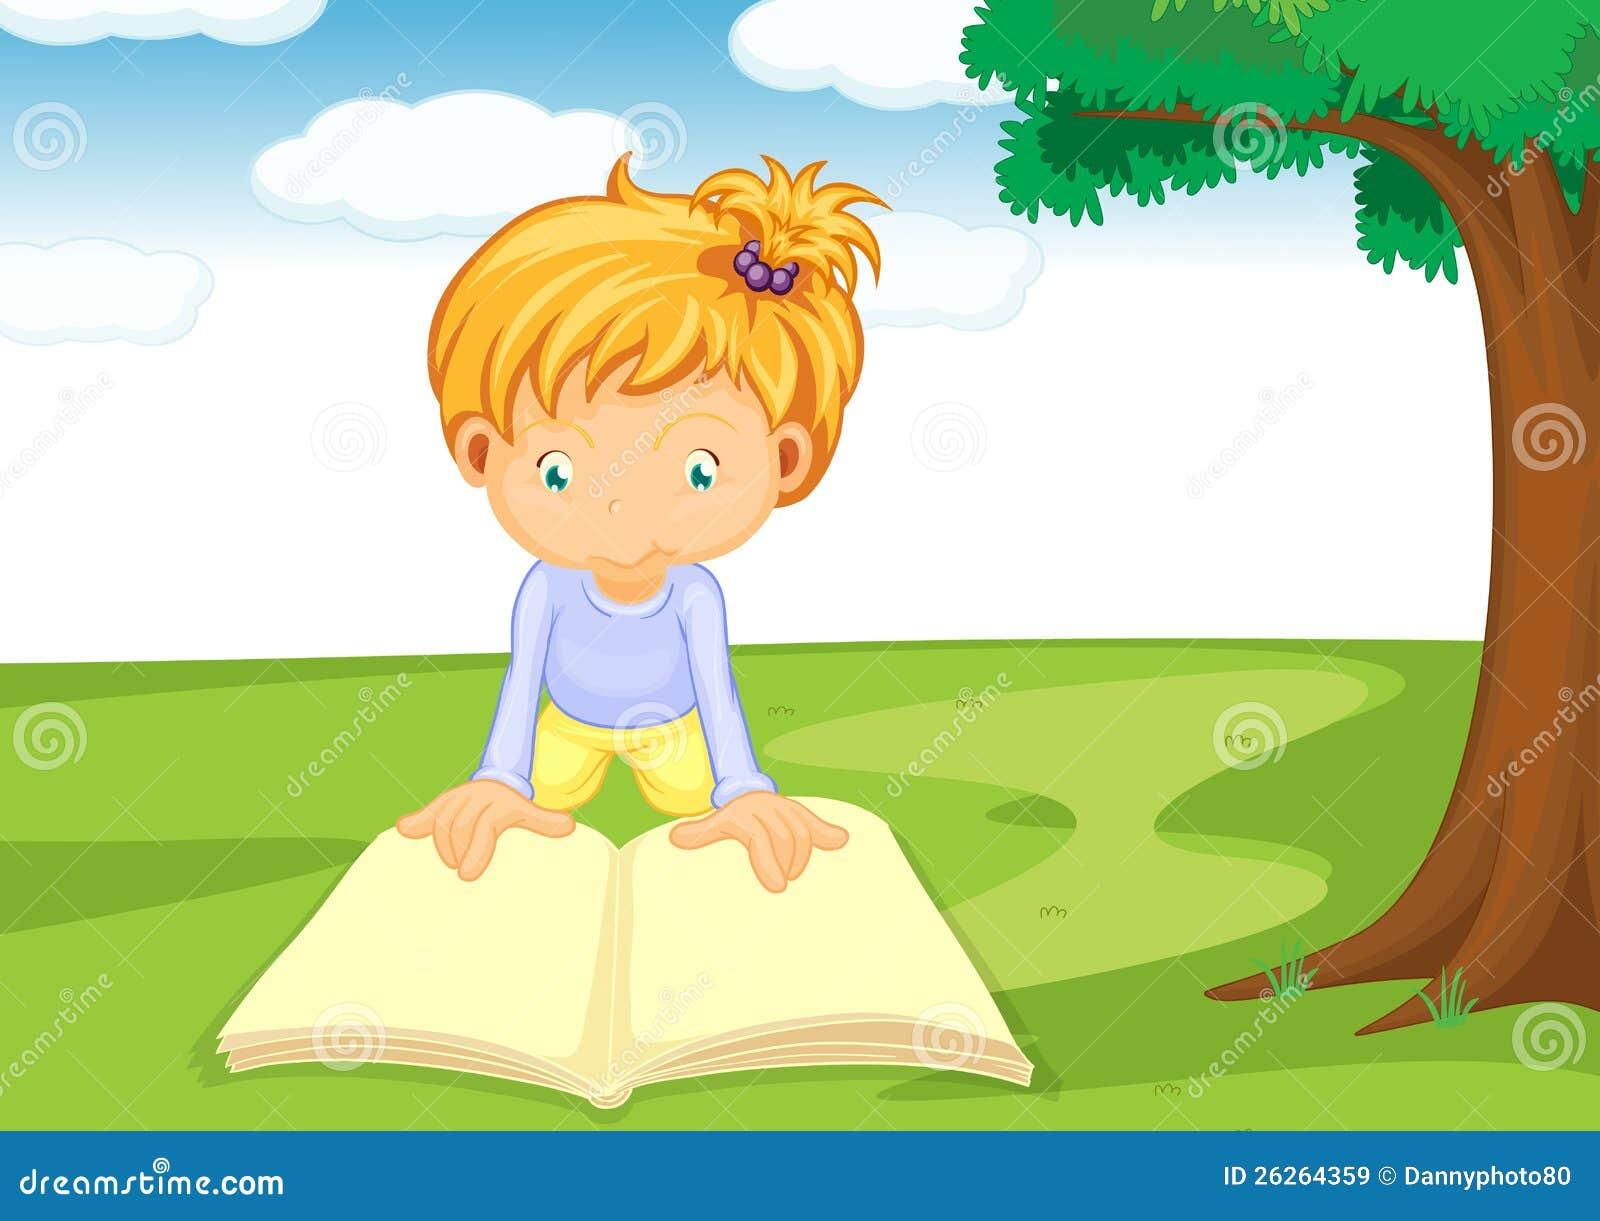 ... 都是95分以上)-小学三年级英语适合看哪些英语绘本